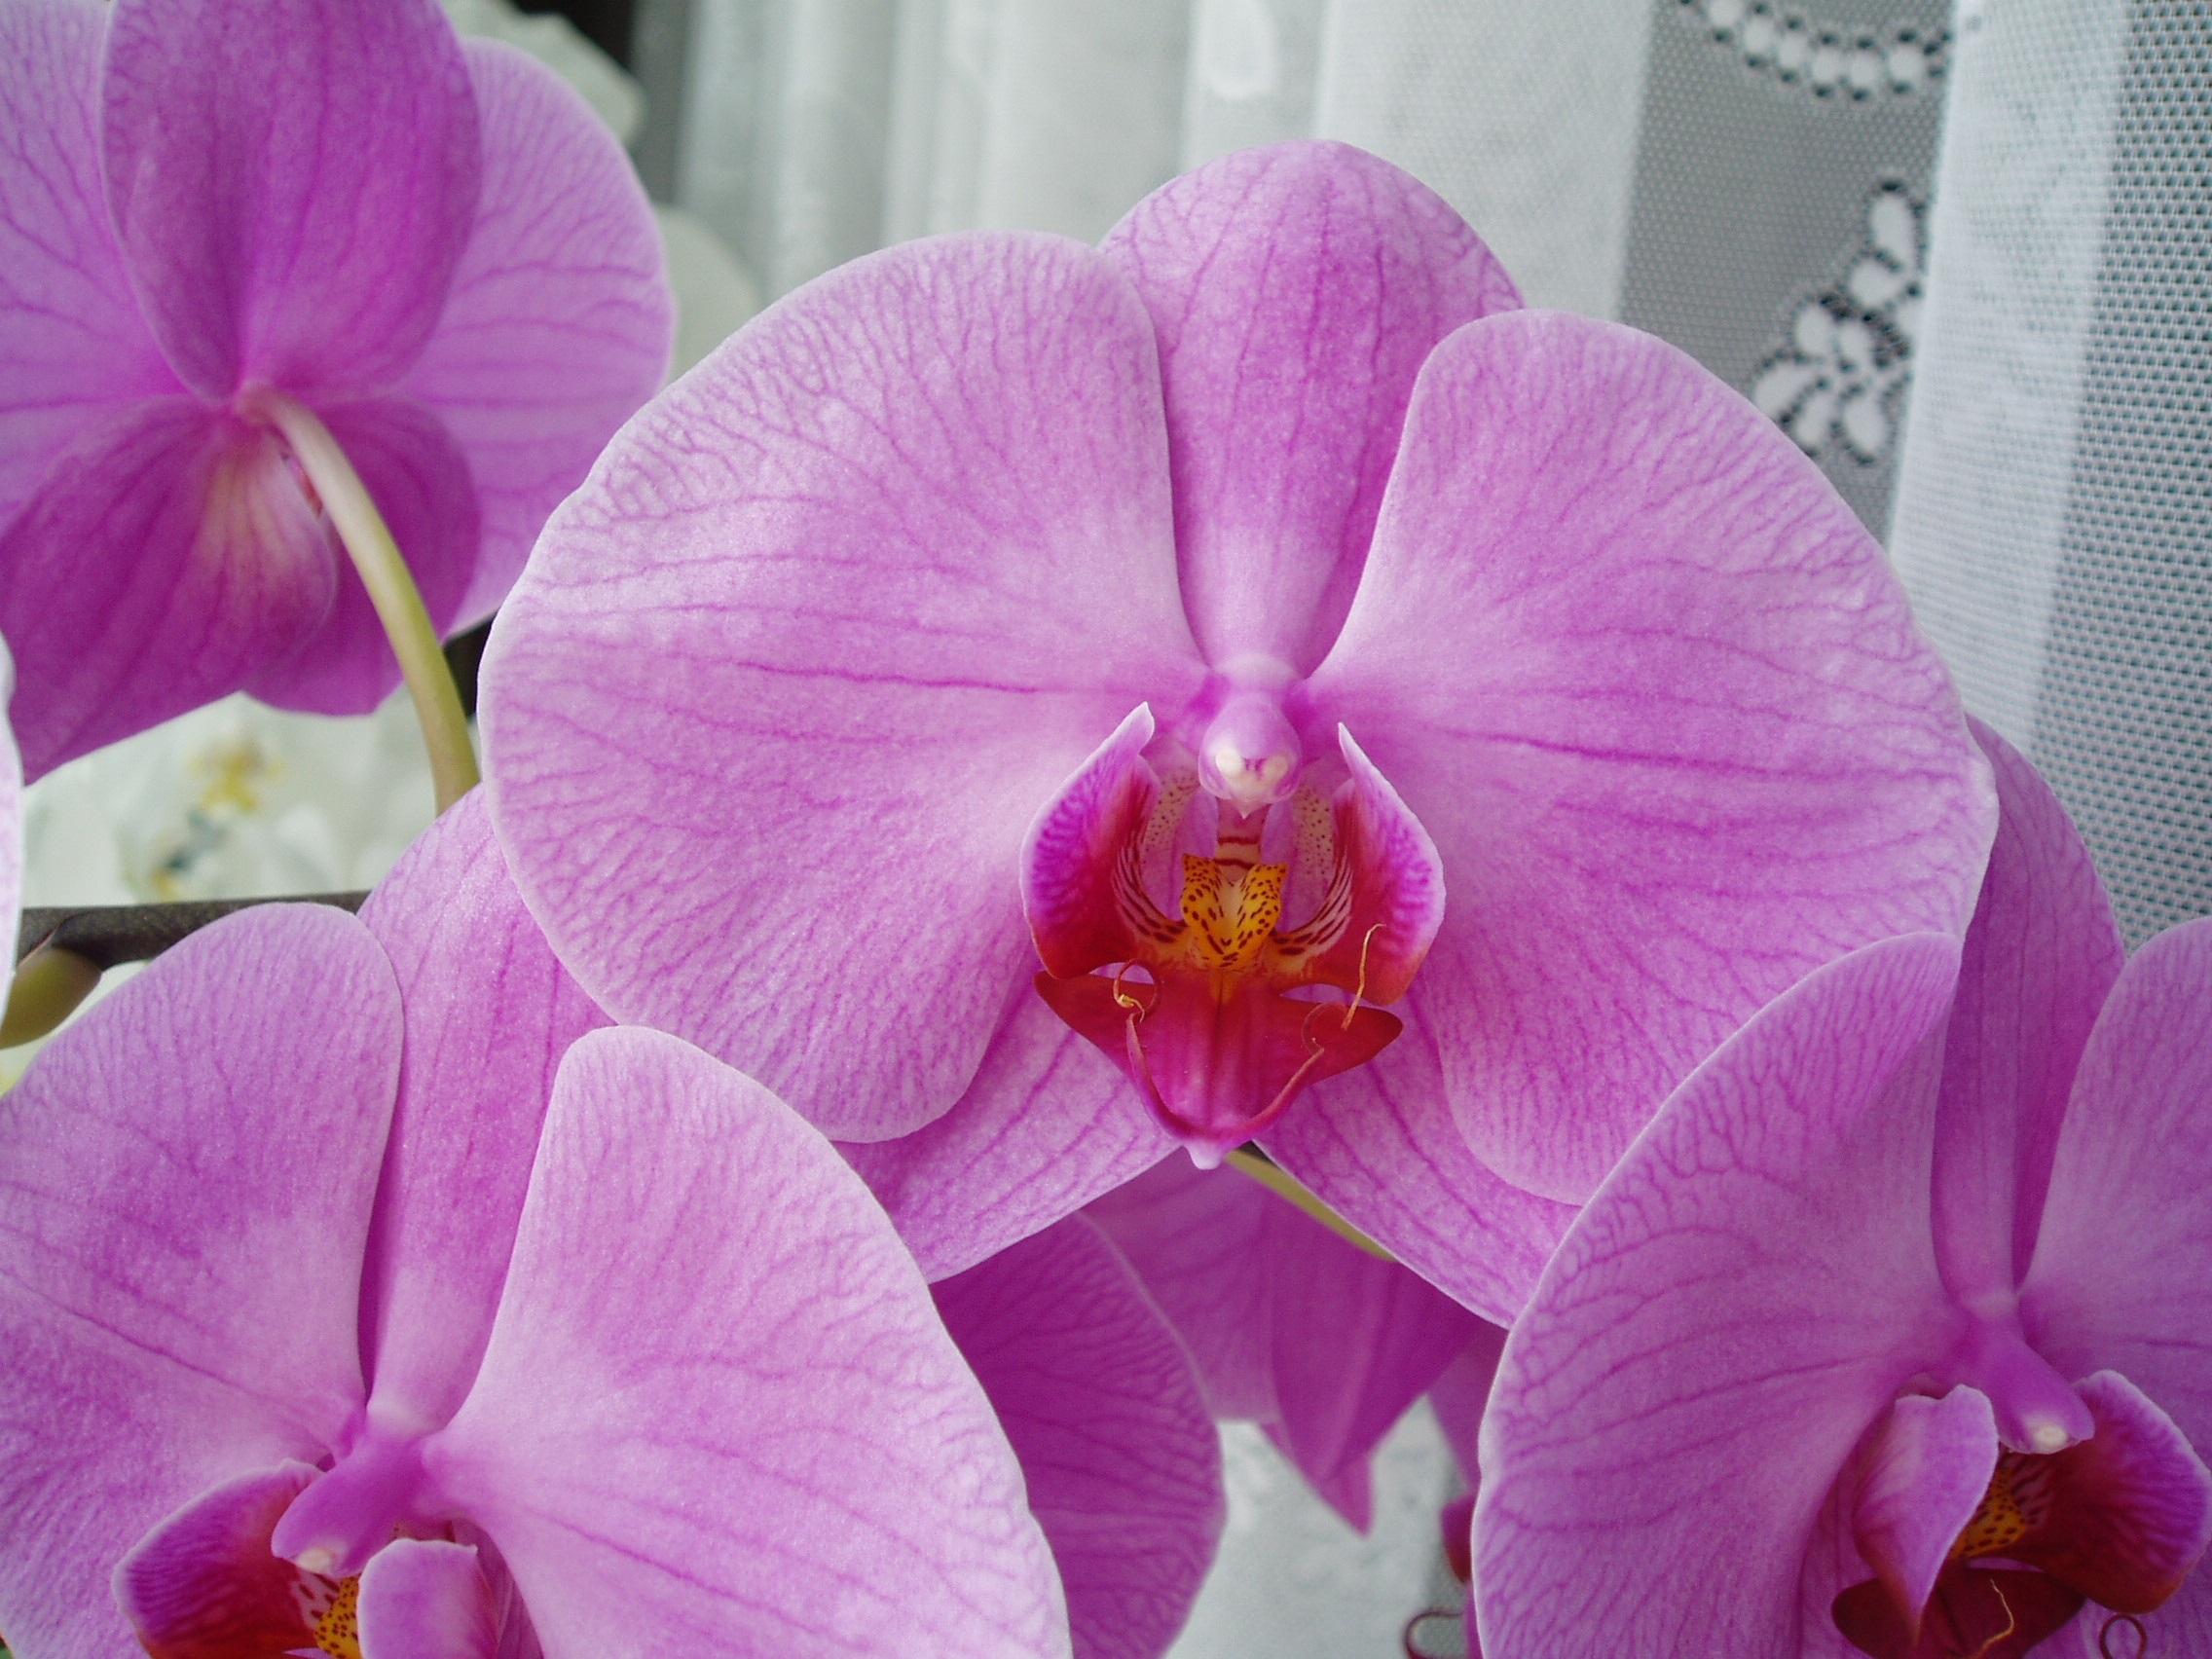 киеве фото всех цветов орхидеи красная крыша